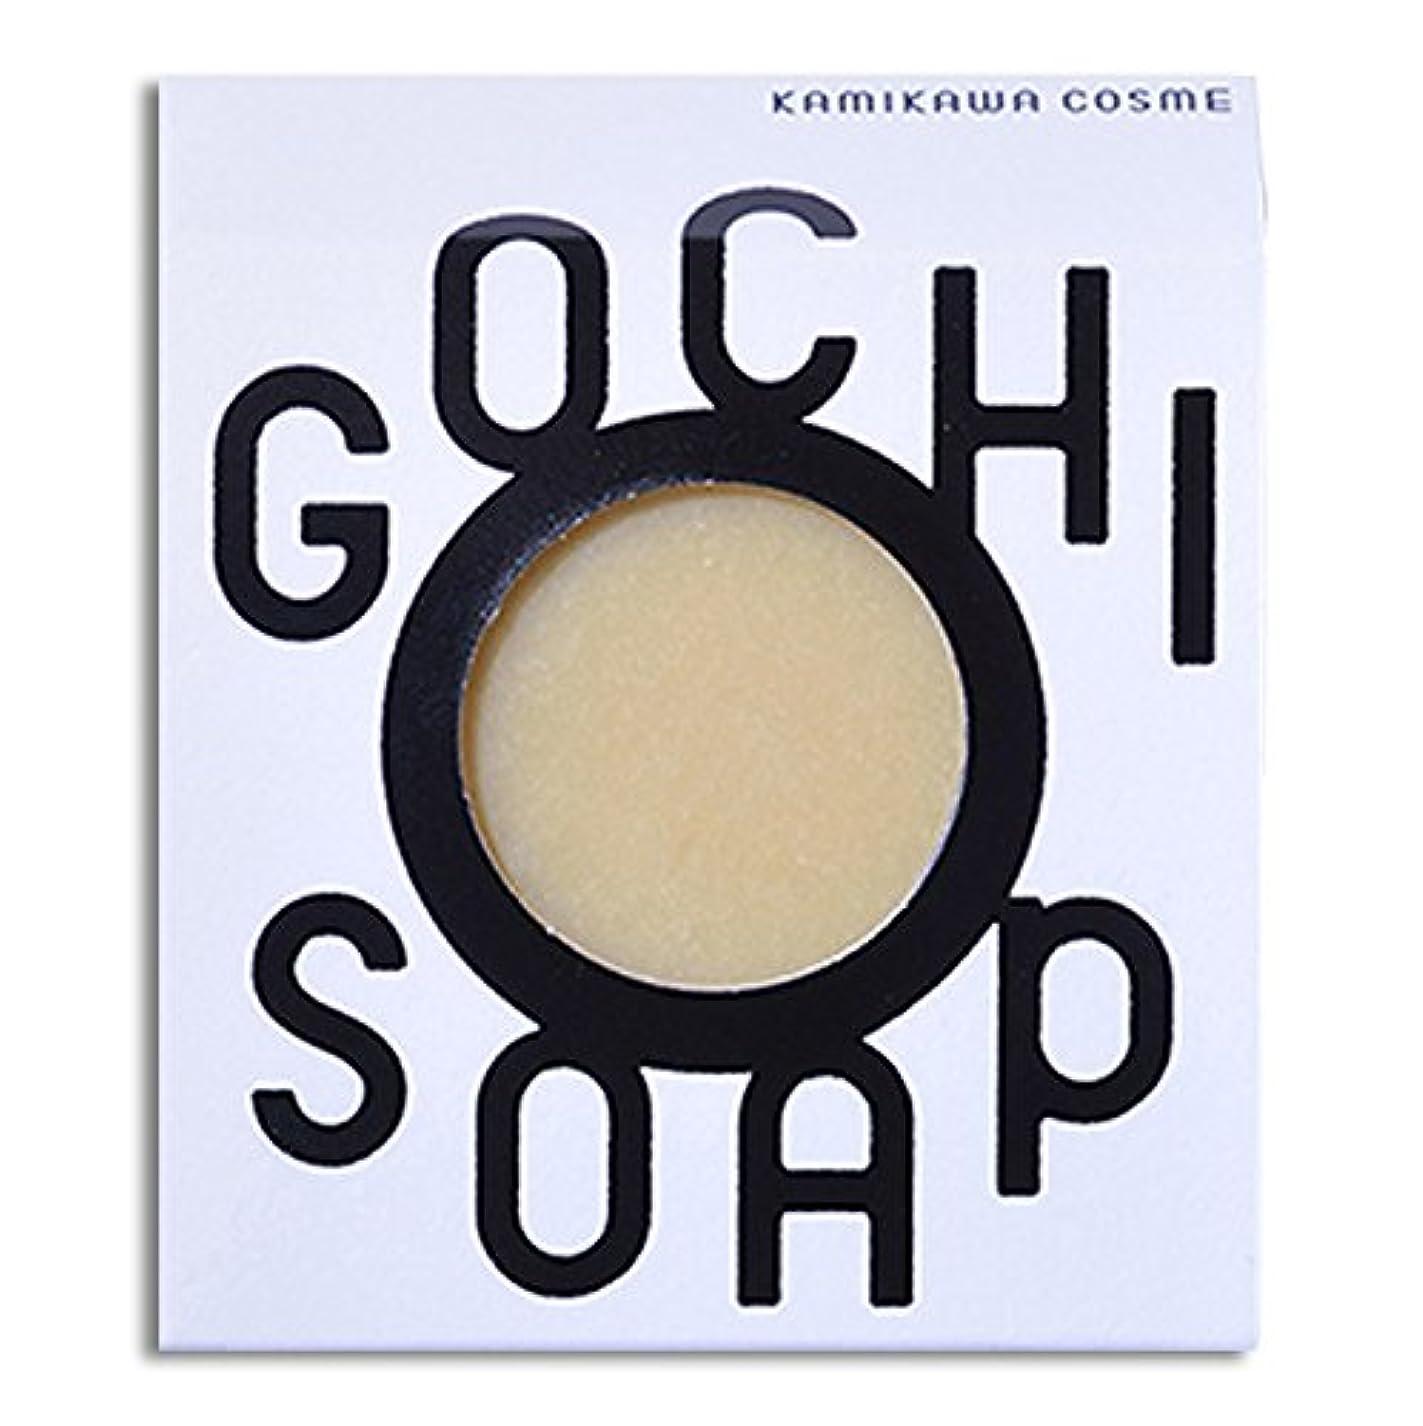 組み合わせる永遠の角度道北の素材を使用したコスメブランド GOCHI SOAP(山路養蜂園の蜂蜜ソープ?ふじくらますも果樹園のりんごソープ)各1個セット